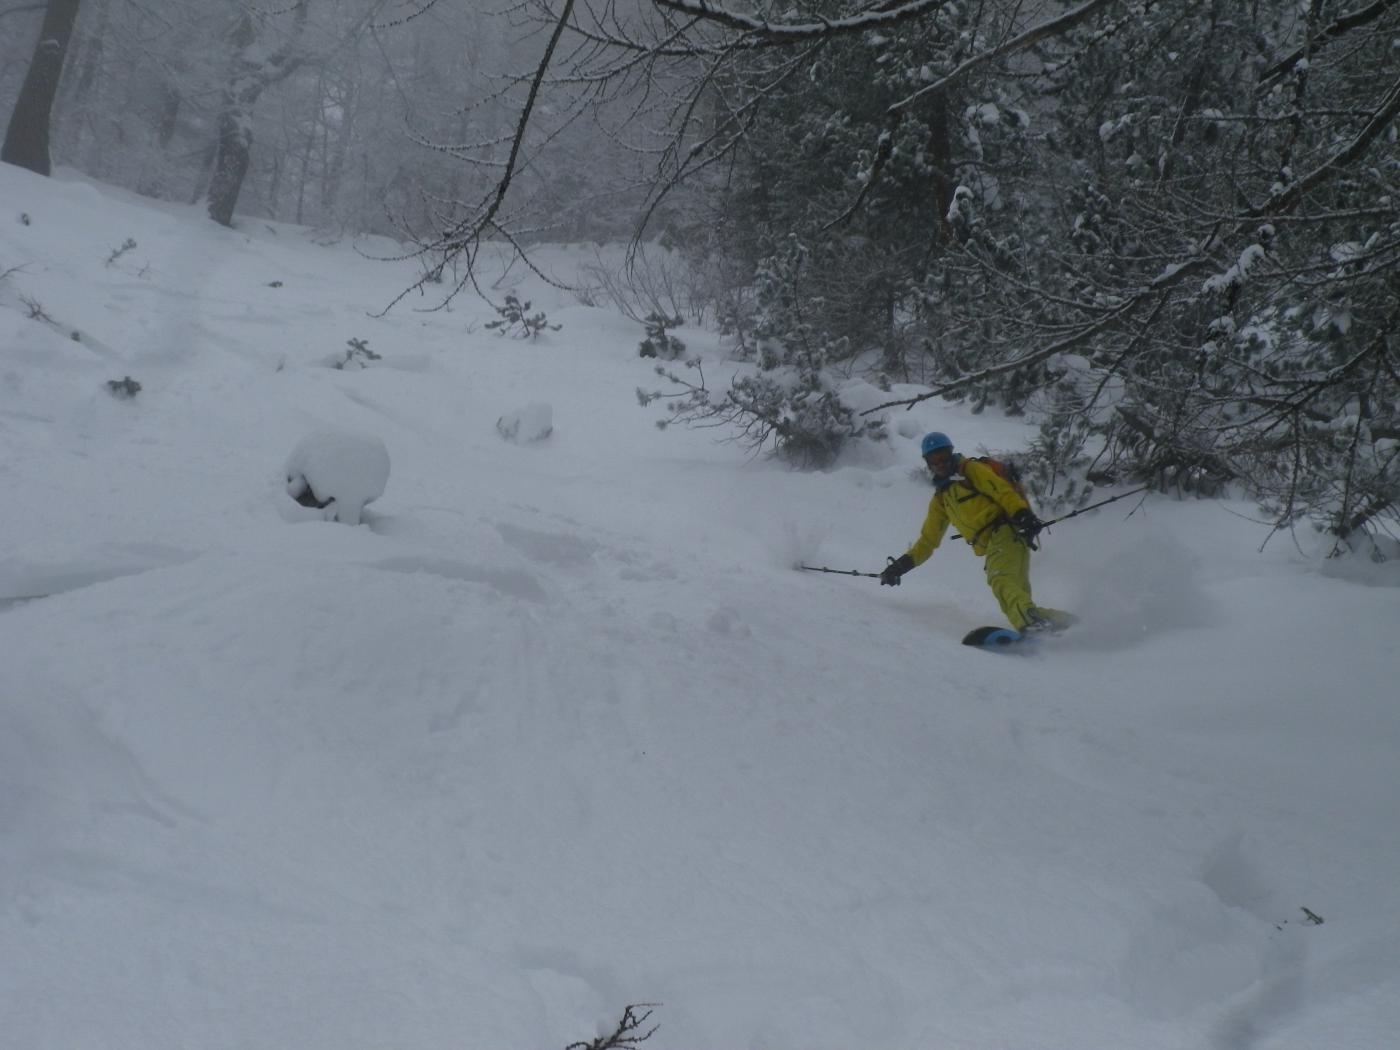 nel bosco si scia bene anche se non c'è fondo